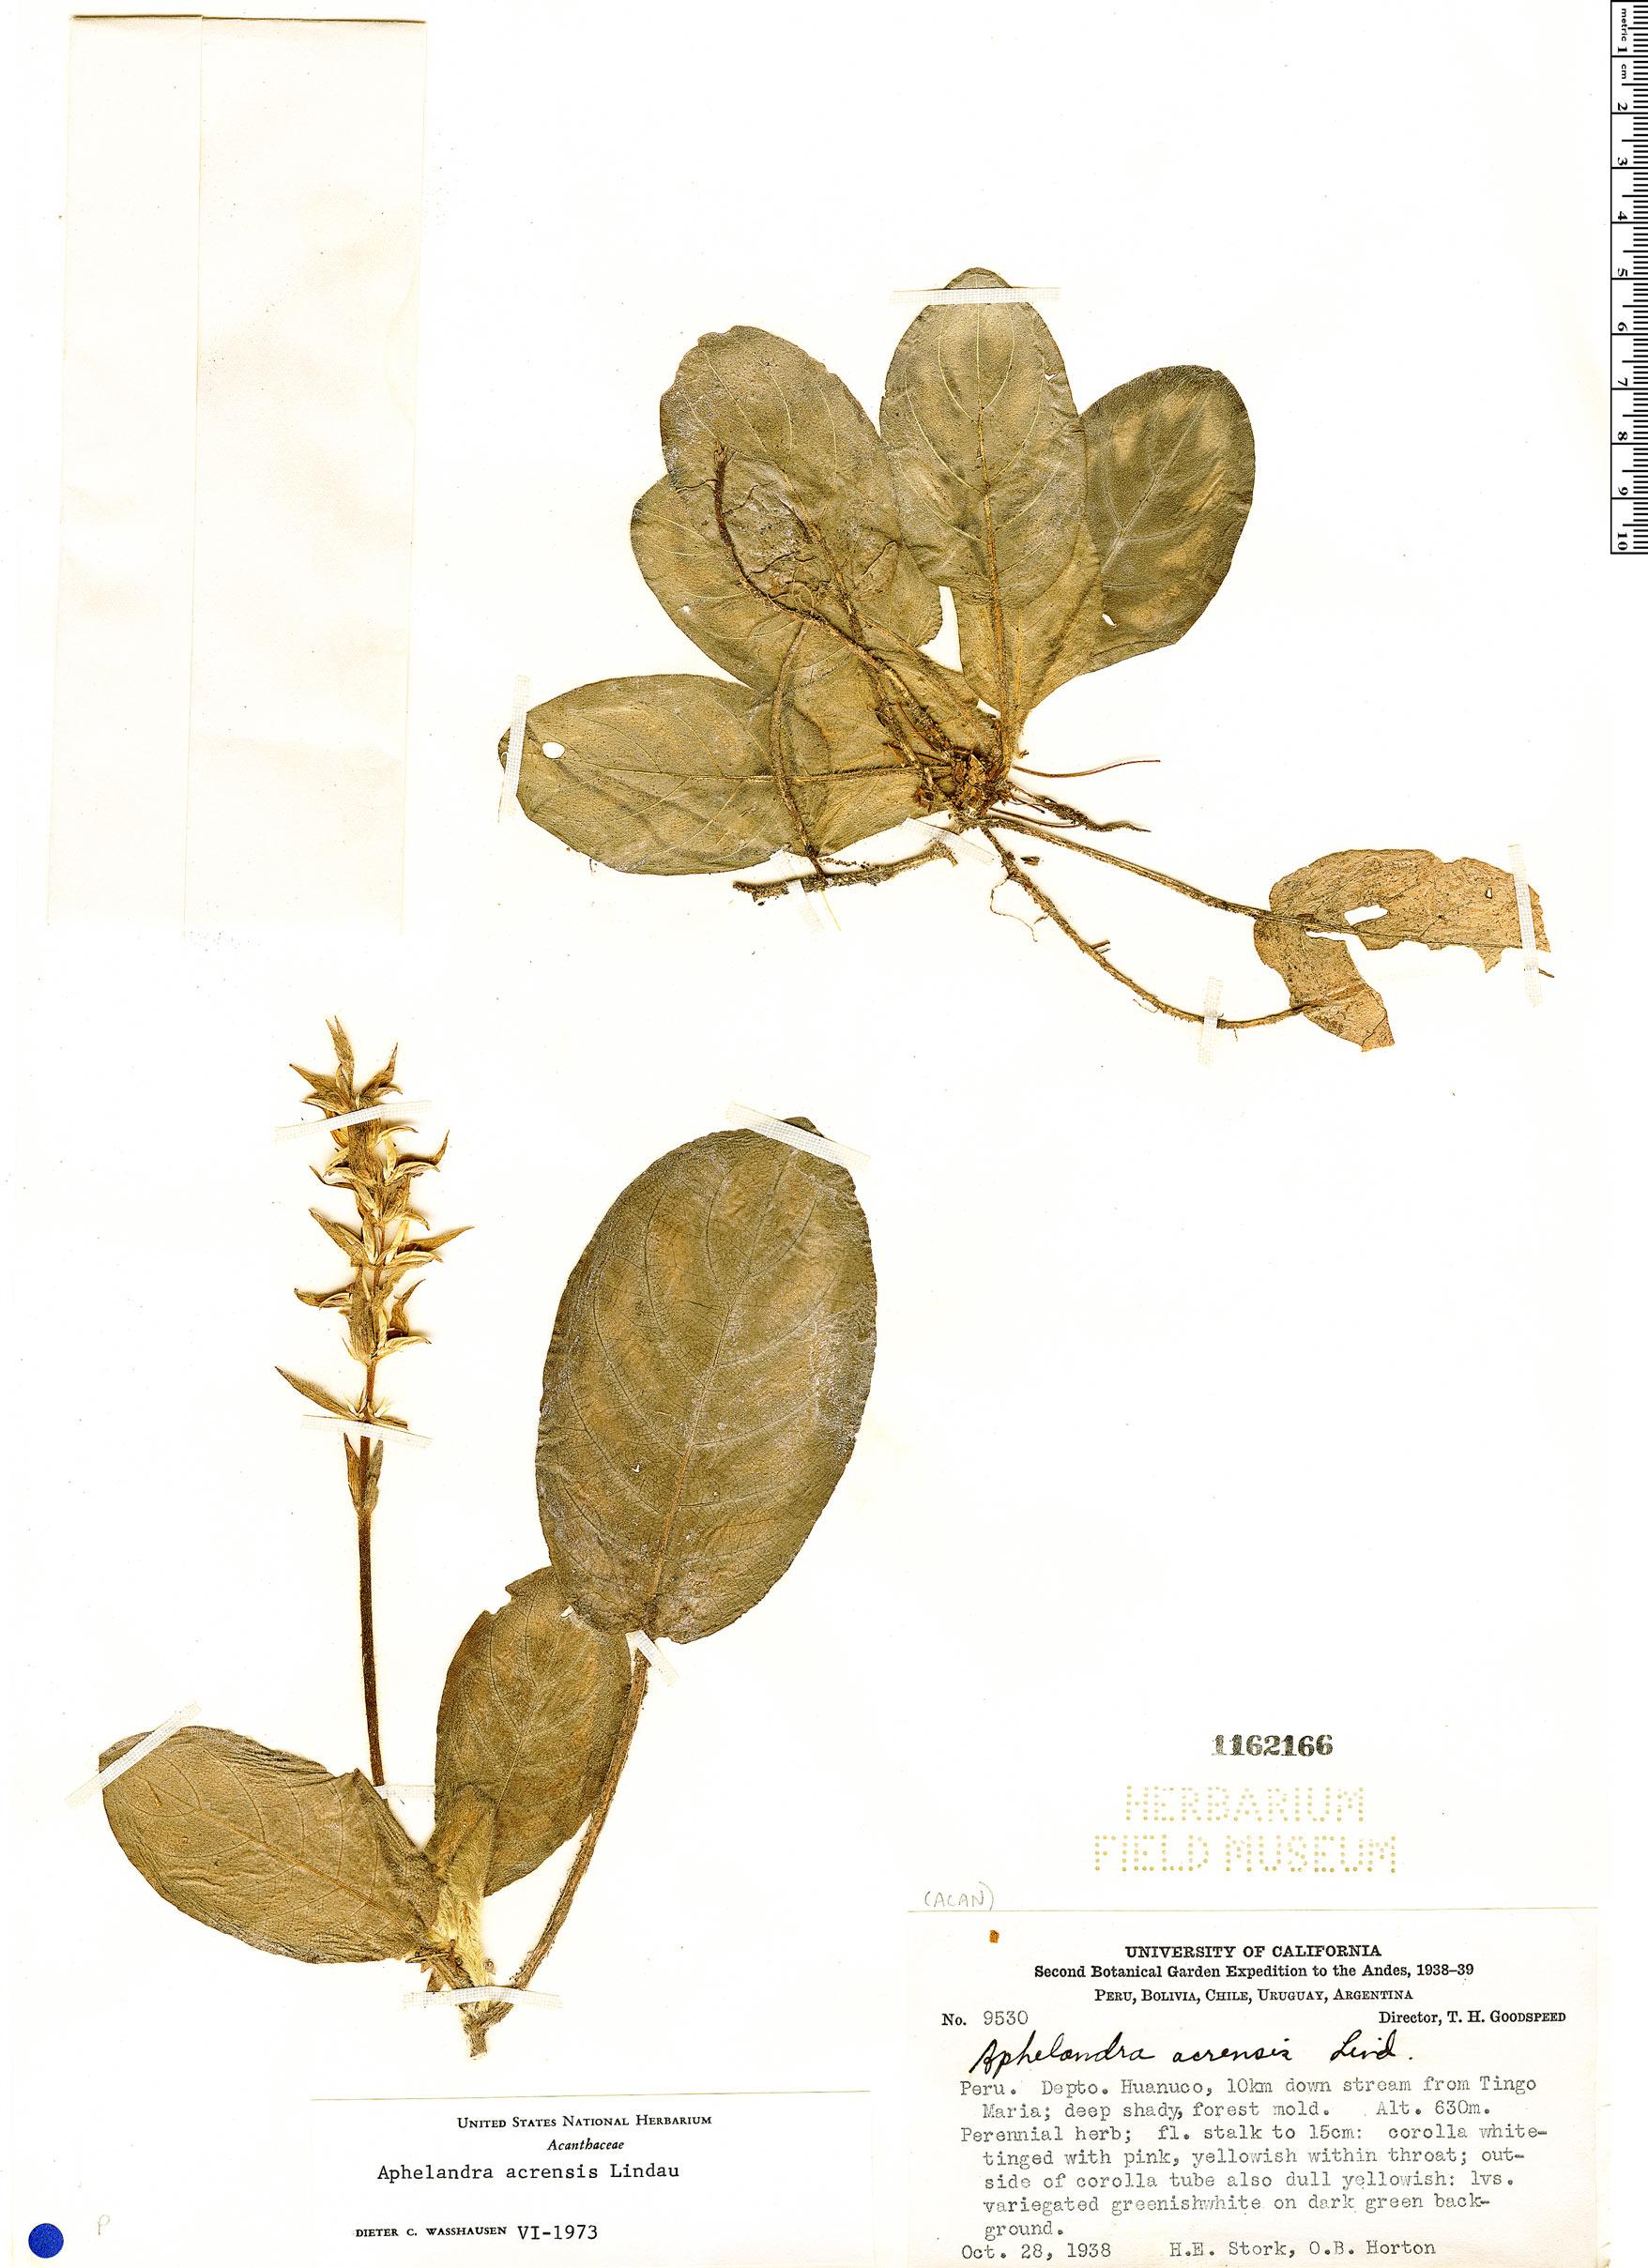 Specimen: Aphelandra acrensis